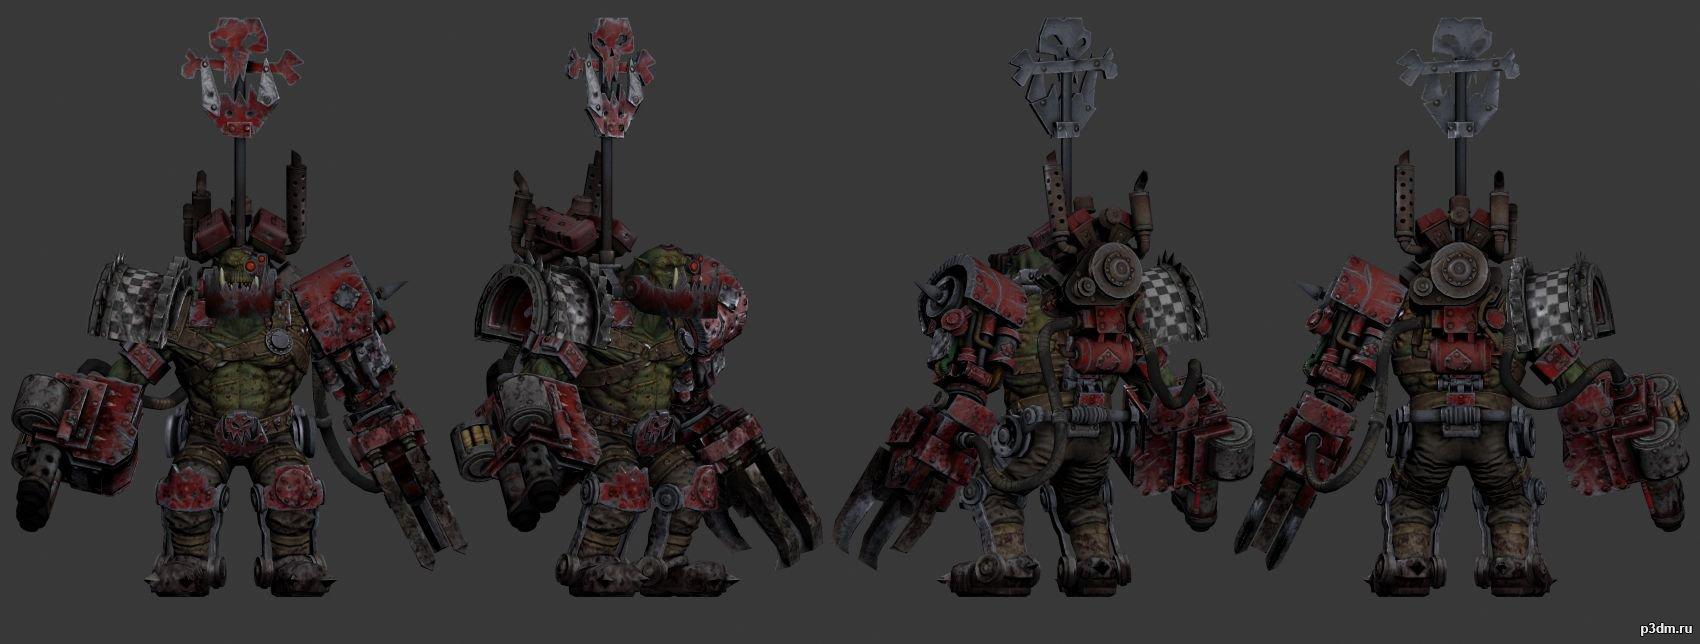 Warhammer action figure images-amazoncom